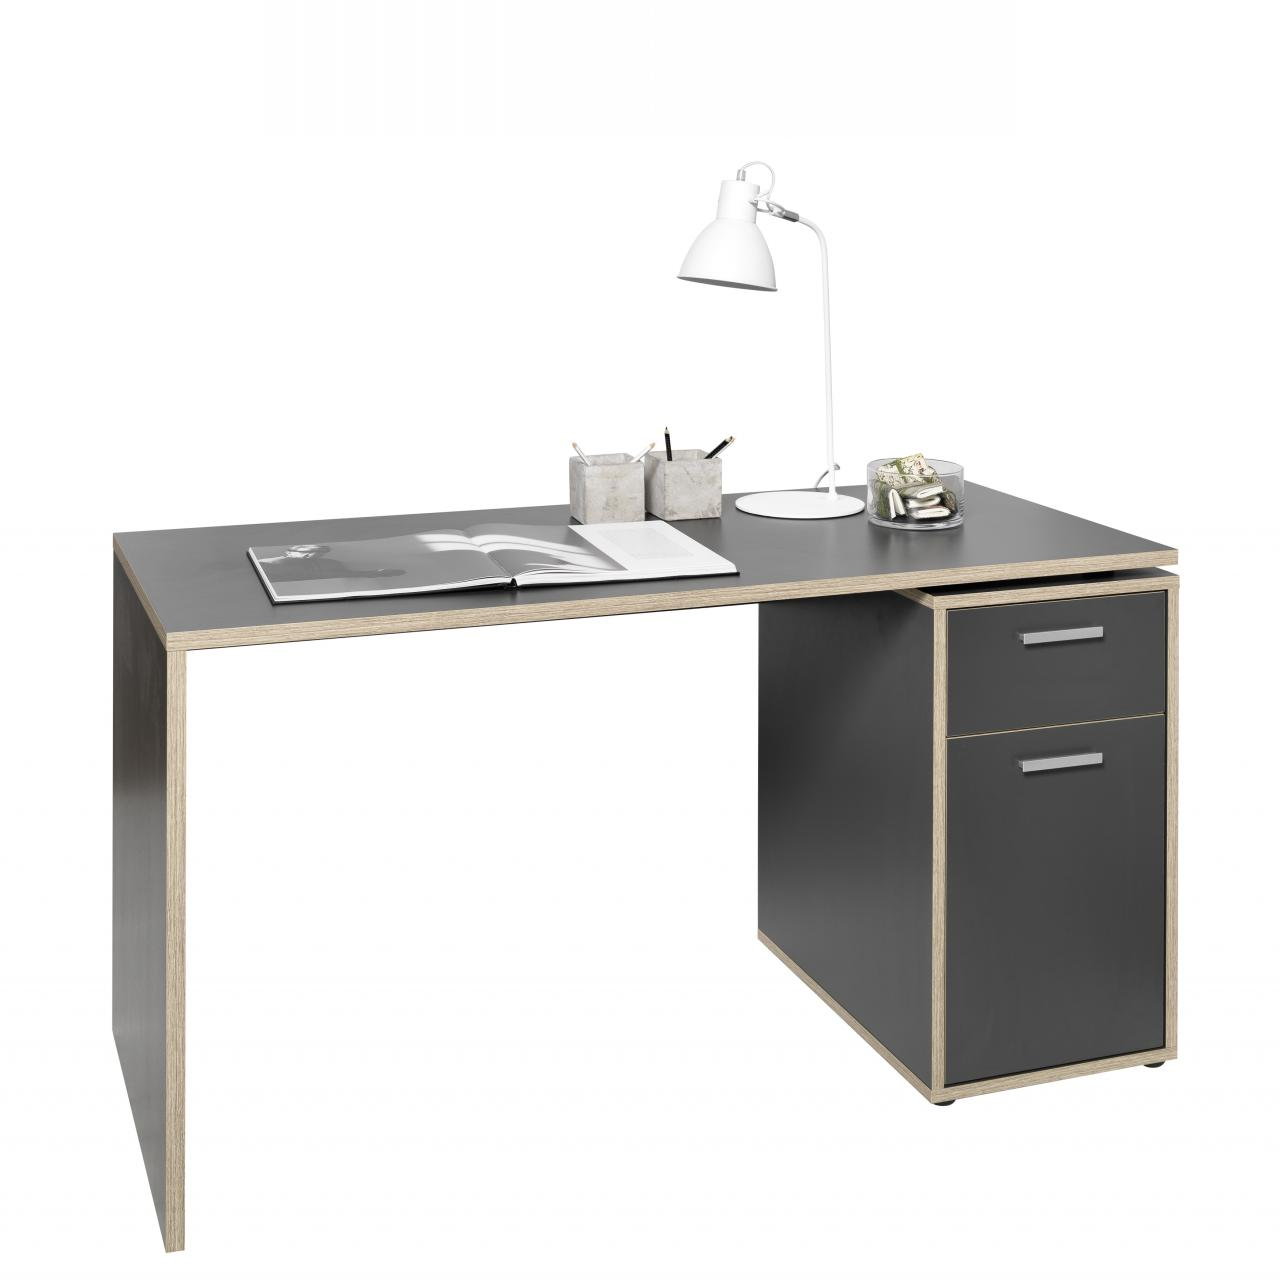 Schreibtisch net betonoptik 145x60 cm schreib for Schreibtisch net